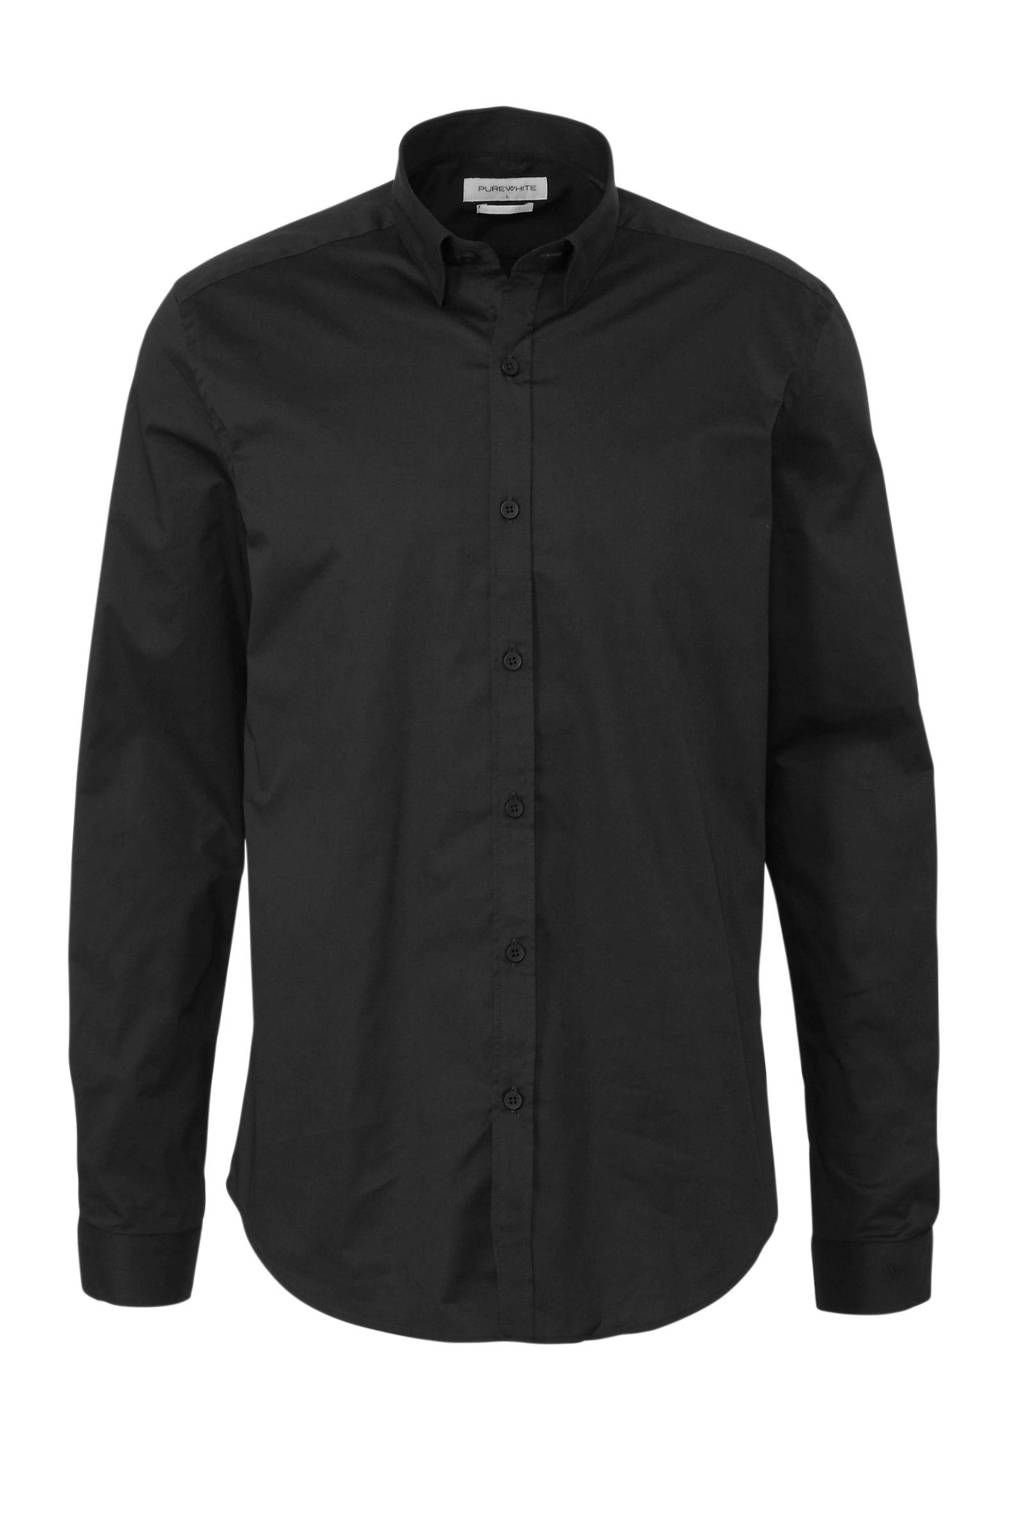 Purewhite slim fit overhemd 10201 zwart, Zwart